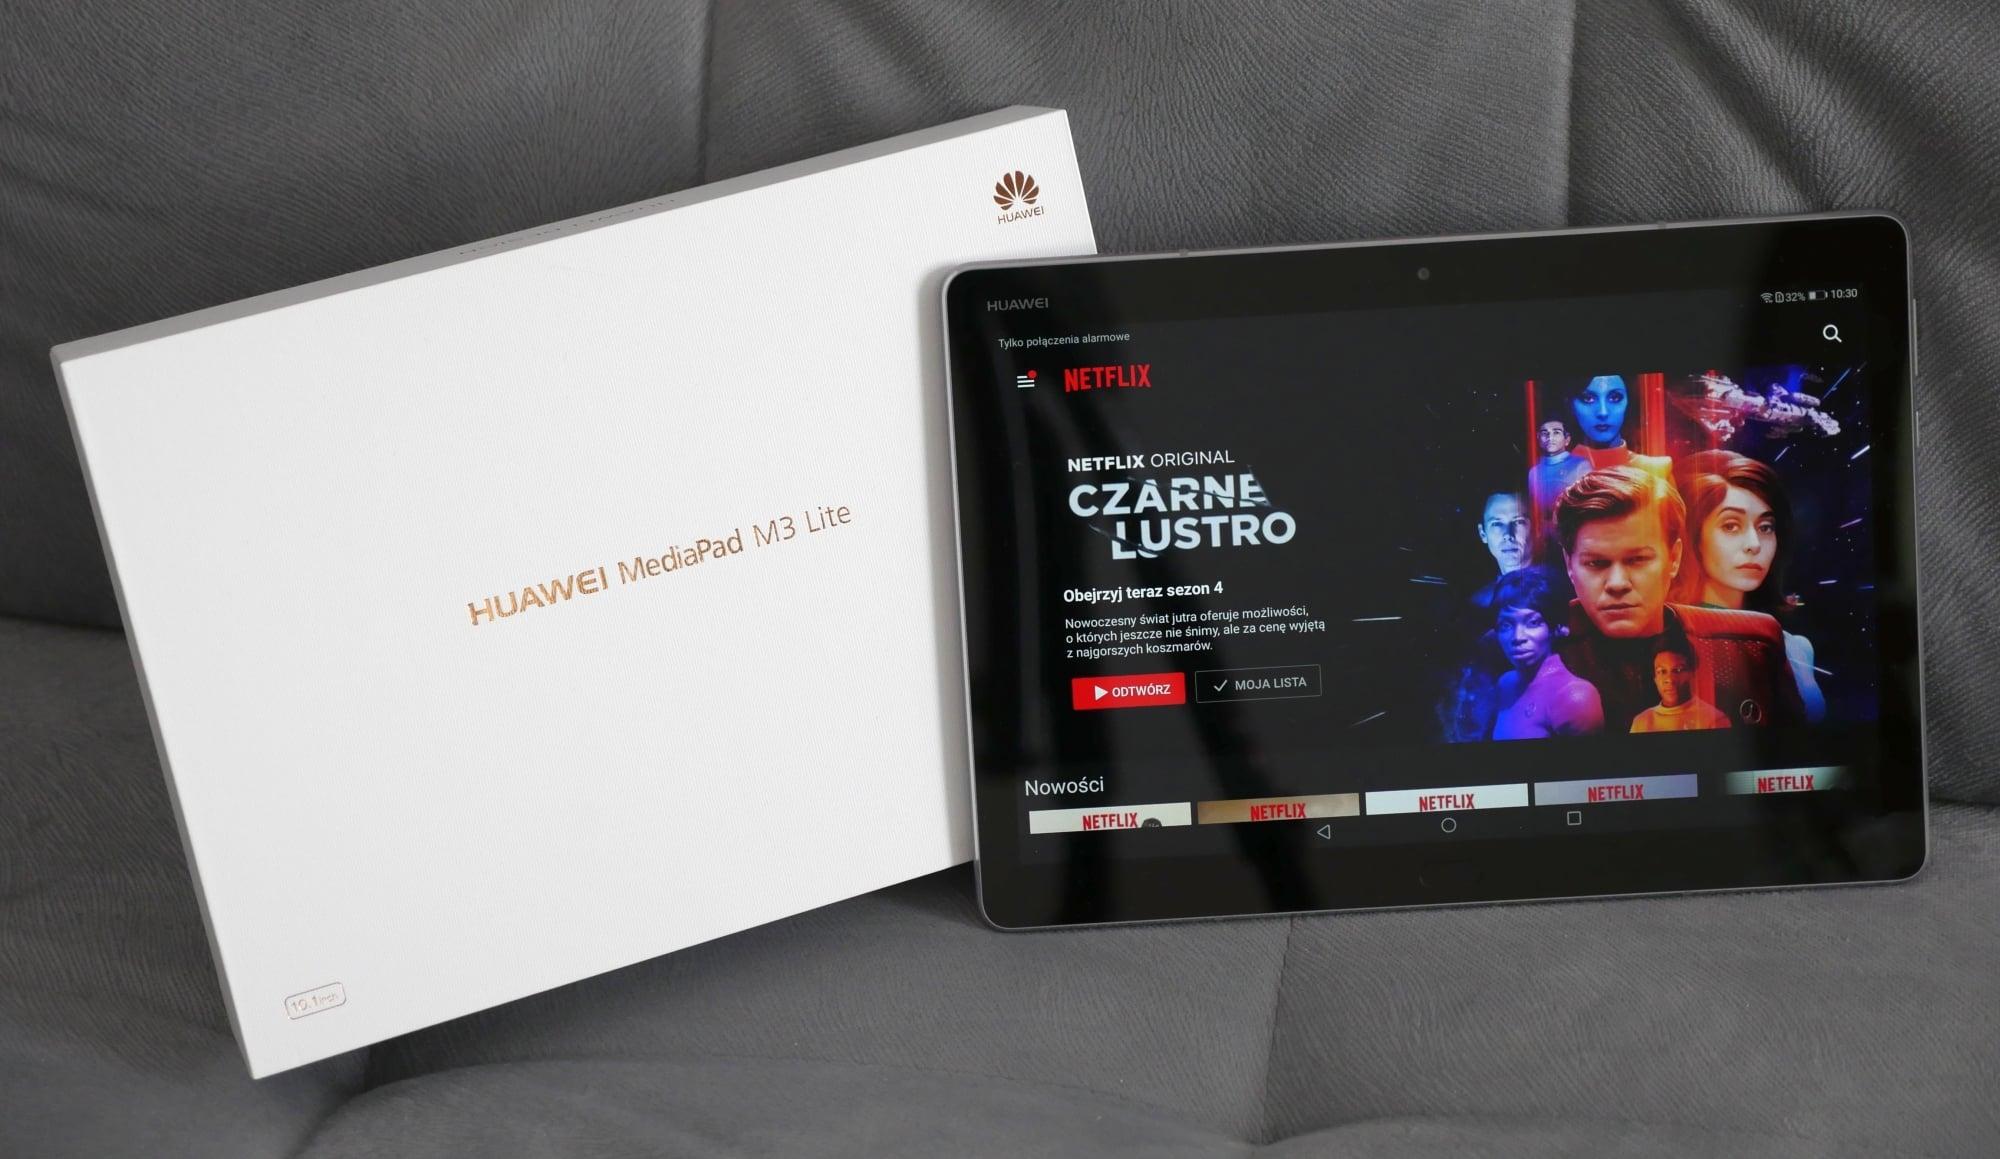 Multimedia na tablecie, czyli MediaPad M3 Lite 10 w swoim naturalnym środowisku 17